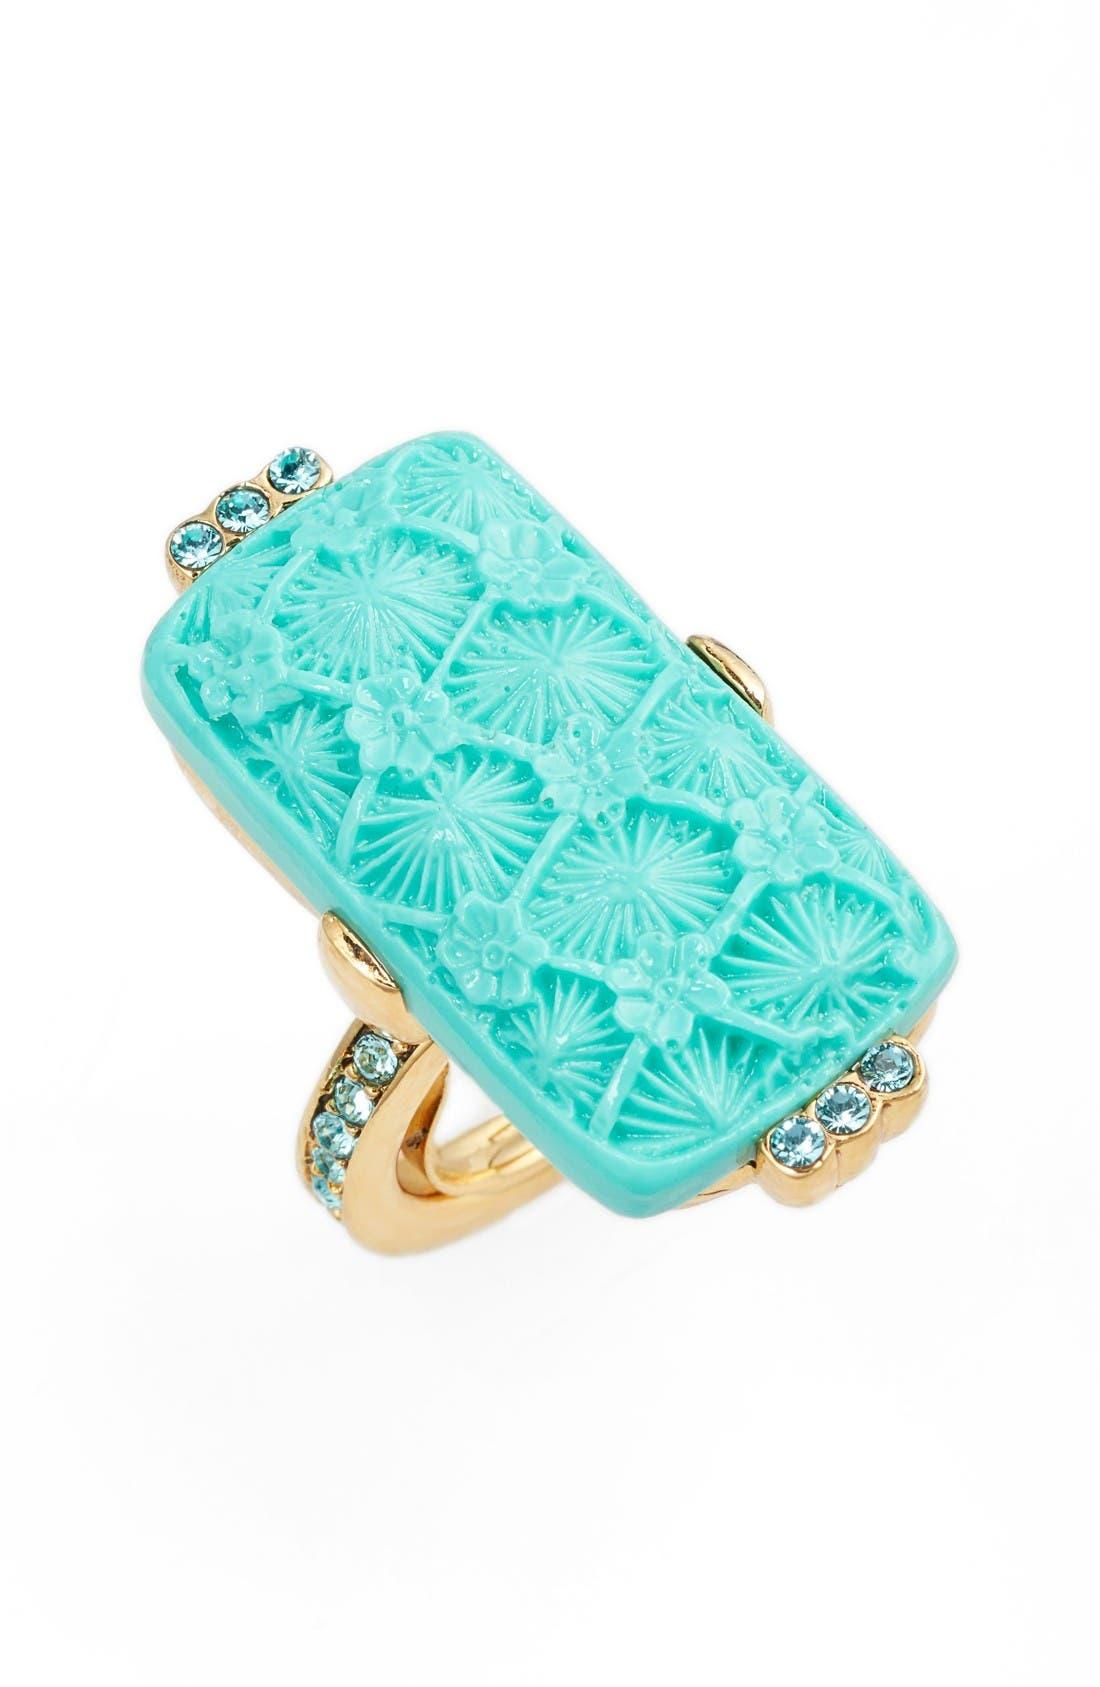 Alternate Image 1 Selected - Oscar de la Renta Carved Resin & Swarovski Crystal Ring